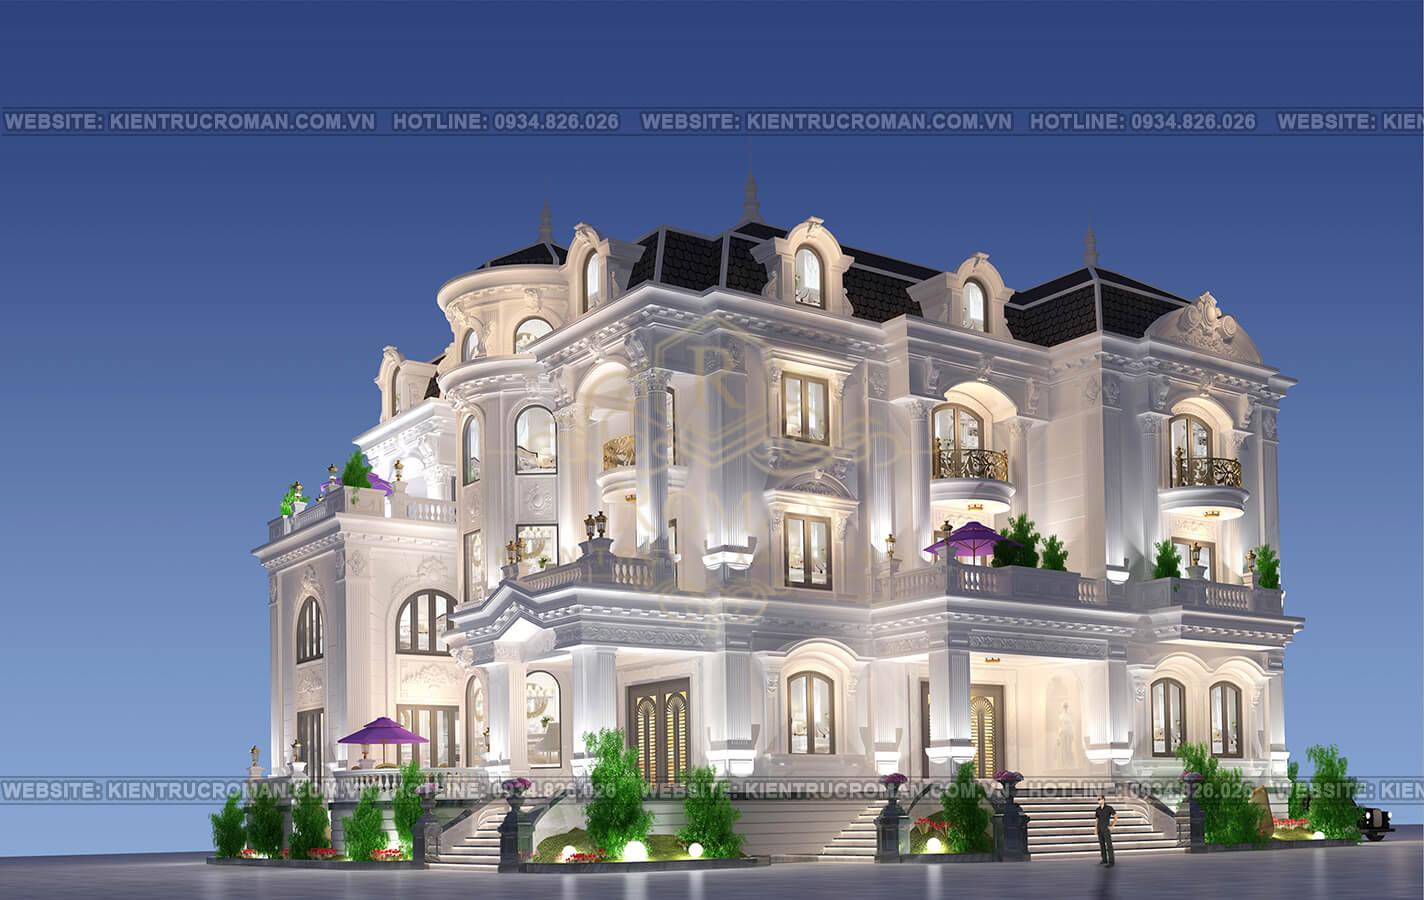 thiết kế nhà biệt thự đẹp phối cảnh